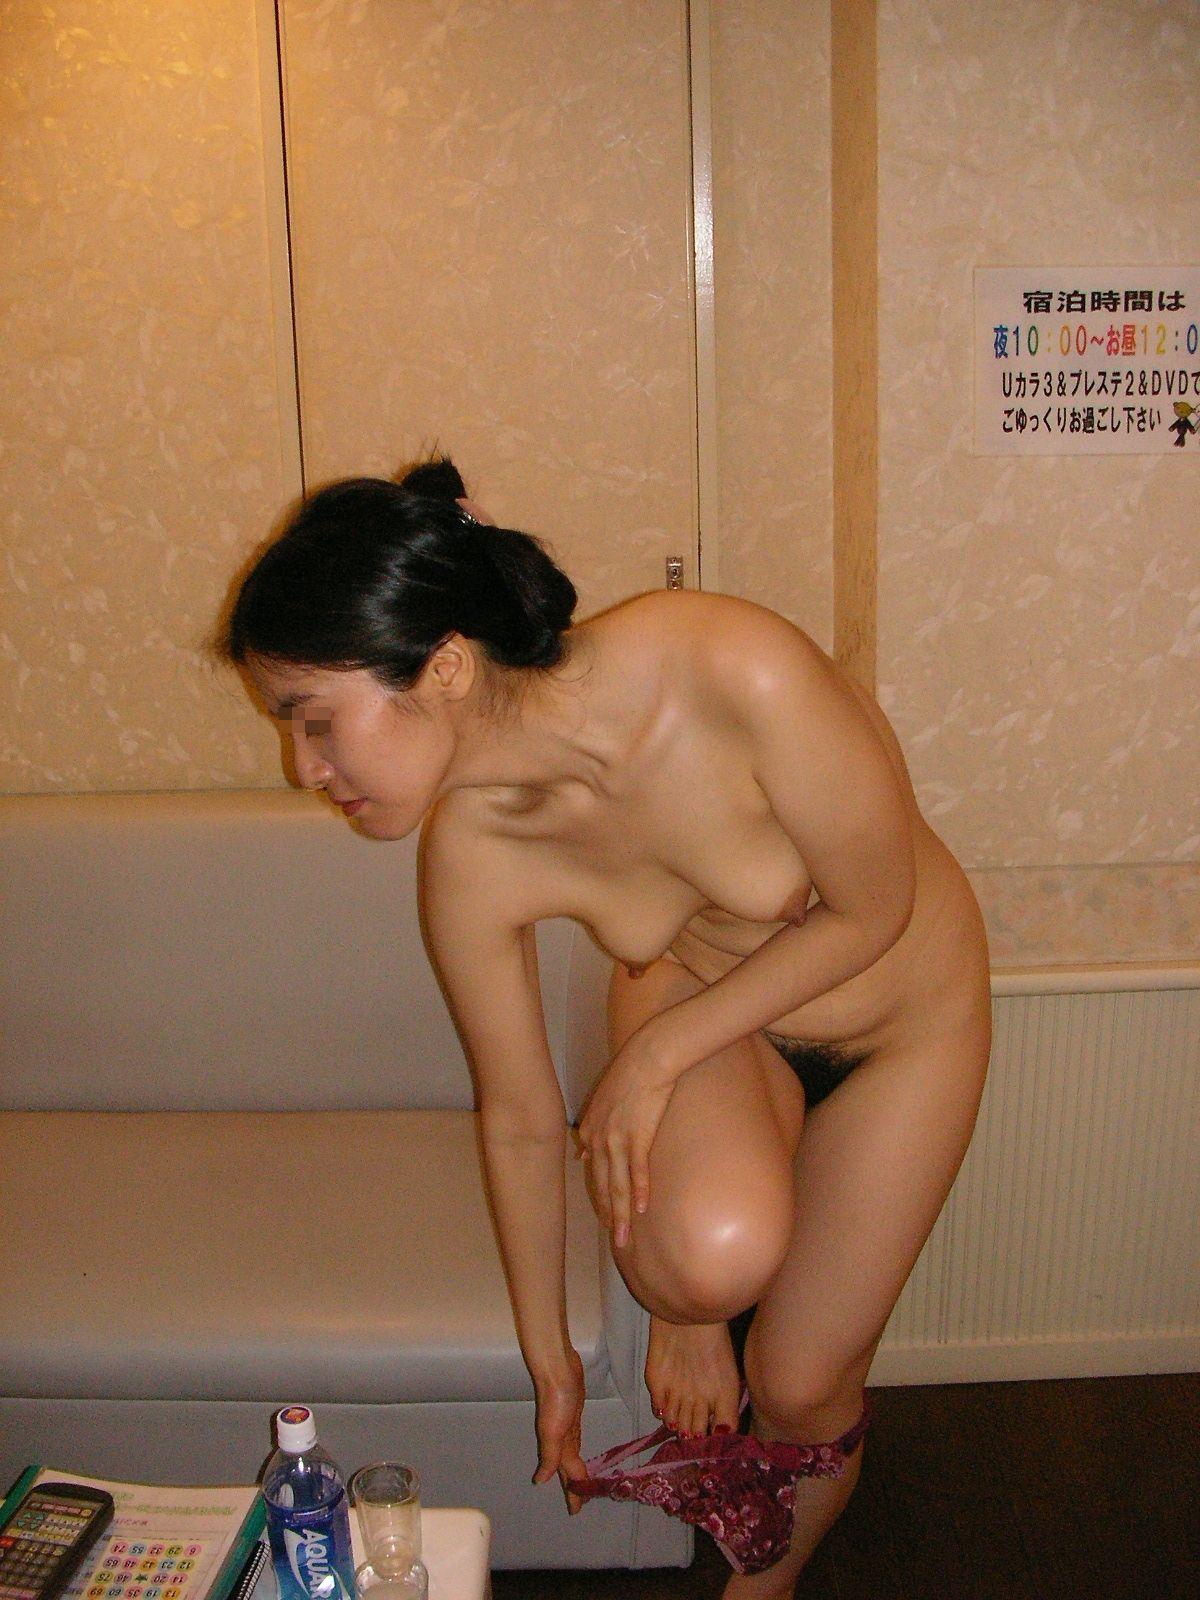 目の前で着替える女の子の裸がエロ過ぎる…何度でもセックスしたくなってくる脱ぎかけエロ画像 その6